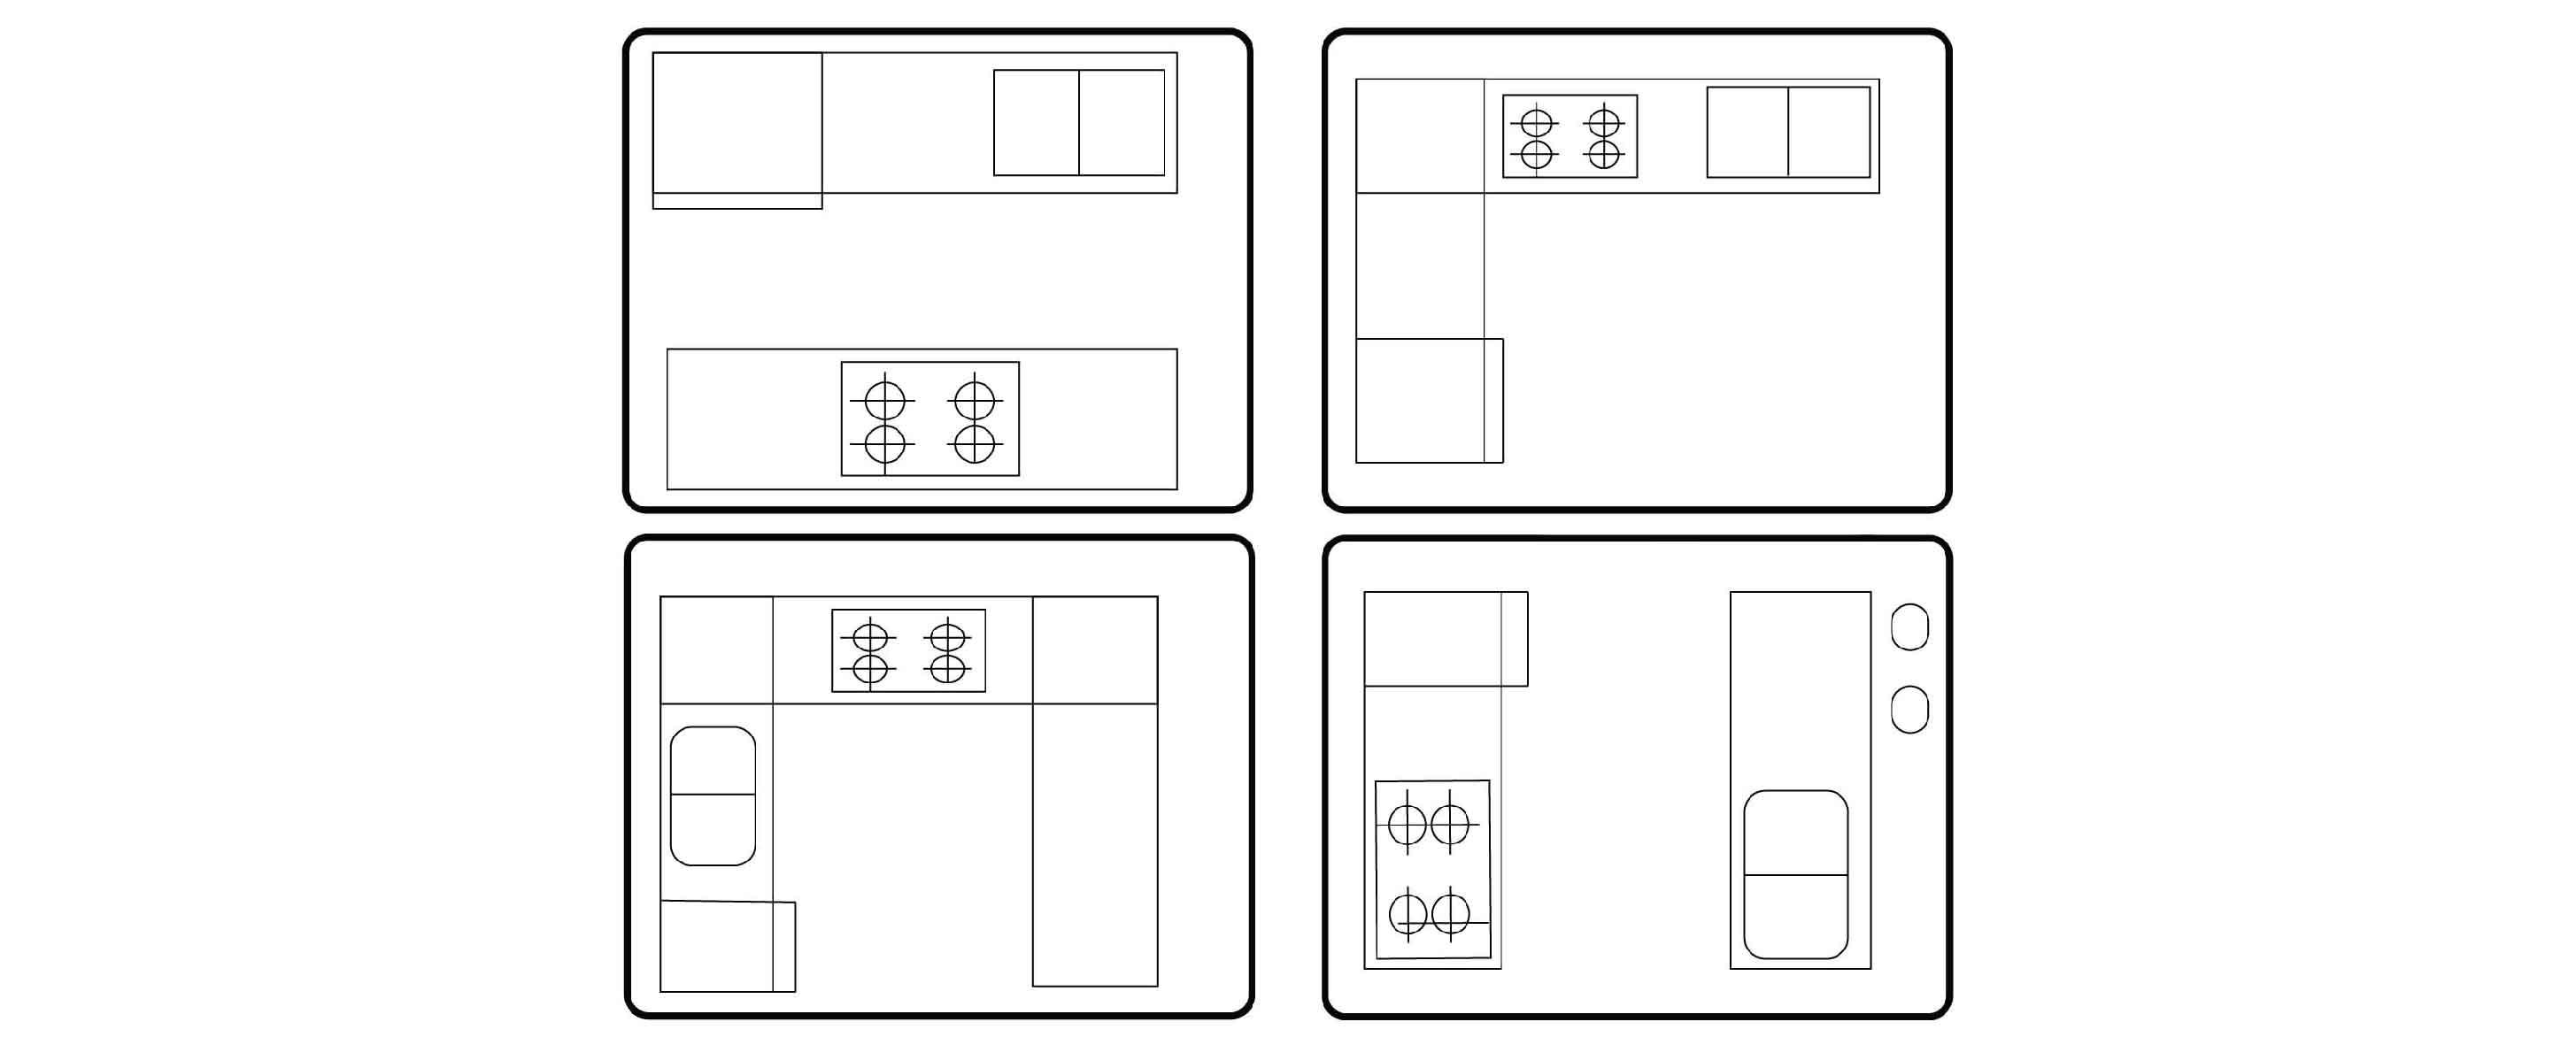 การเลือกรูปแบบผังเคาน์เตอร์ การทำชุดครัวบิ้วท์อินที่ผ่านมาเราอาจคุ้นเคยกับการวางผังเคาน์เตอร์ครัวโดยยึดหลักสามเหลี่ยมนั่นคือ เตา อ่างล้างจาน และตู้เย็น ควรวางในตำแหน่งมุมของสามเหลี่ยม ซึ่งตอบสนองไลฟ์สไตล์แบบเดิมที่ห้องกินข้าวแยกกับห้องครัว แม่เป็นแม่บ้านอยู่บ้านคนเดียว จ่ายตลาดบ่อย และไม่มีปาร์ตี้ แต่ทุกวันนี้ไลฟ์สไตล์ของคนส่วนมากได้เปลี่ยนไปเป็นกินข้าวในครัวเลย พ่อและแม่ออกไปทำงานทั้งคู่ หรืออยู่เป็นครอบครัวขยาย จ่ายตลาดสัปดาห์ละครั้ง มีปาร์ตี้บ่อย การจัดวางผังในครัวสมัยนี้ จึงมีรูปแบบที่ยืดหยุ่นมากขึ้นเพื่อรองรับไลฟ์สไตล์ที่เปลี่ยนไป จากผังครัวแบบตัวแอล ตัวยู ตัวไอ หรือแบบคู่ขนานที่เราคุ้นเคย ก็อาจปรับไปได้หลากหลายมากขึ้น จากขั้นตอนการวัดพื้นที่และลองวาดผังพื้น อาจสังเกตได้ว่า ครัวของคุณไม่ได้มีลักษณะเป็นห้องที่มีผนังปิดล้อมที่ด้านอีกต่อไป แต่เป็นครัวที่เชื่อมพื้นที่ต่อเนื่องกับส่วนอื่นๆ ไม่ว่าจะเป็นส่วนกินข้าว ห้องพักผ่อน หรือแม้แต่สวน ฉะนั้น ก่อนลงมือวางผังห้องครัว และทำชุดครัวบิ้วท์อินลองดูตัวอย่างการจัดวางที่หลุมจากกรอบห้องครัวแบบเดิมๆ เพื่อหารูปแบบครัวที่ตอบสนองการใช้งานของคุณได้จริงๆ